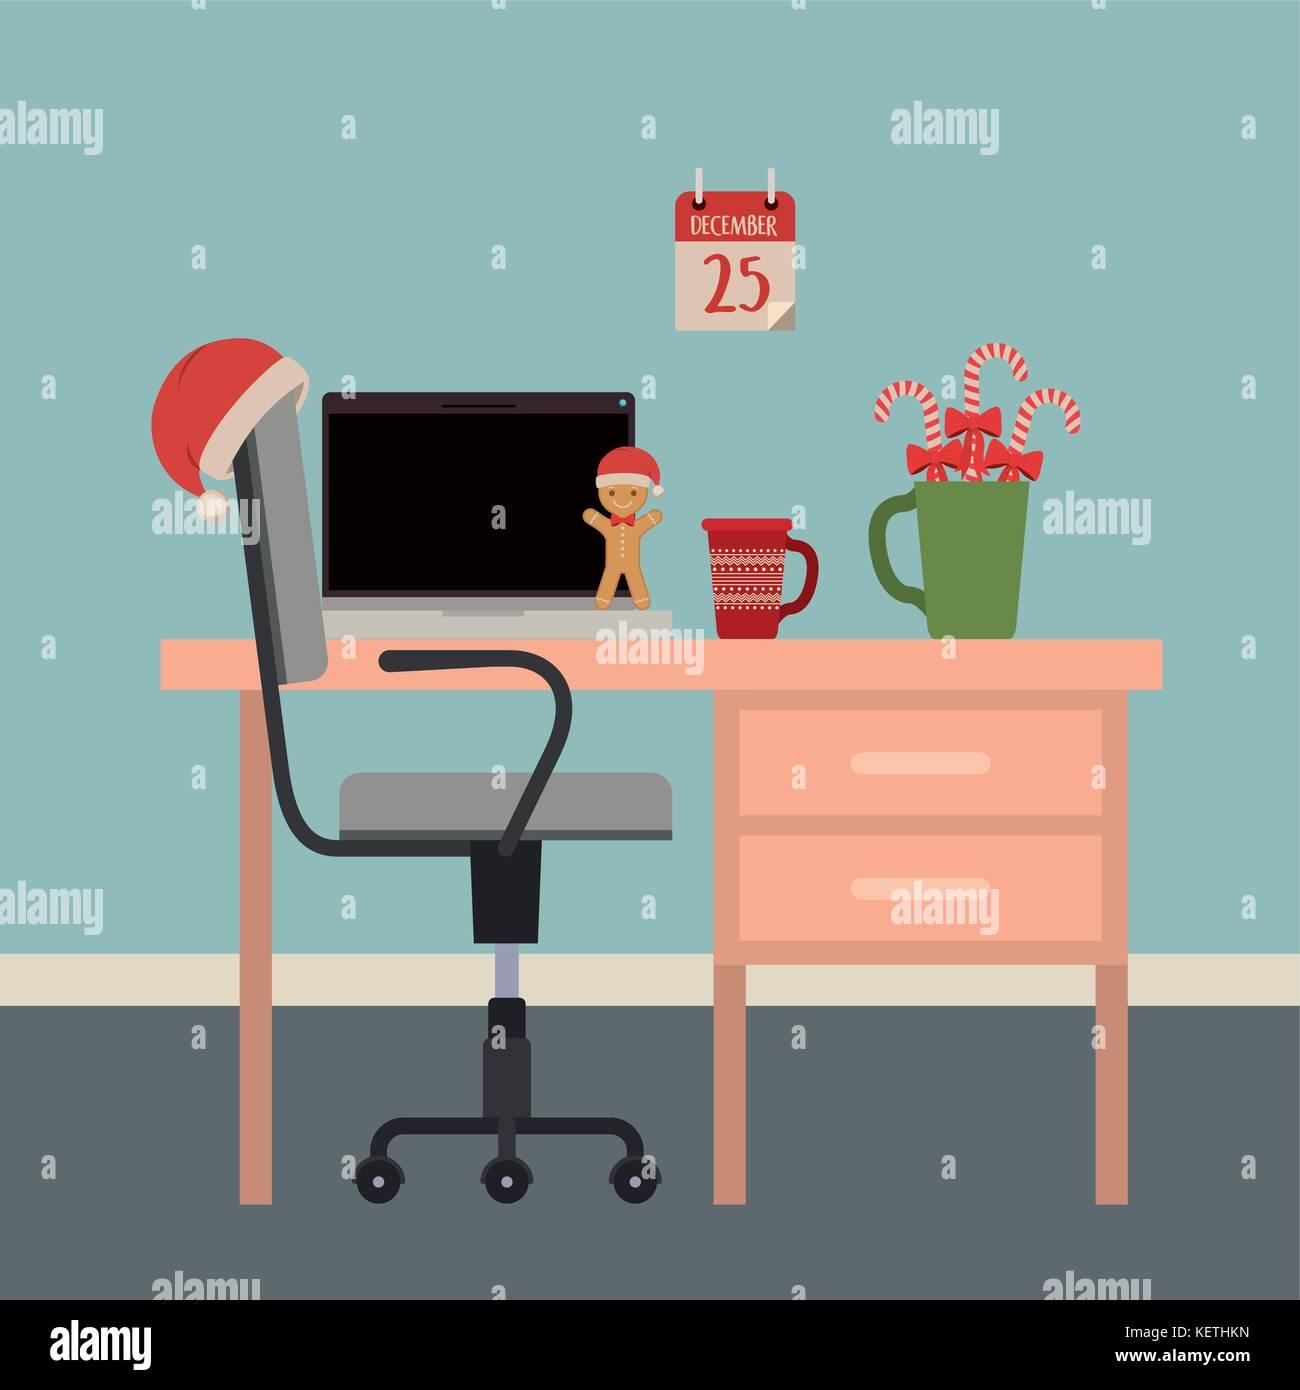 Weihnachten einfach Büro Arbeitsplatz Szene mit Weihnachten ...